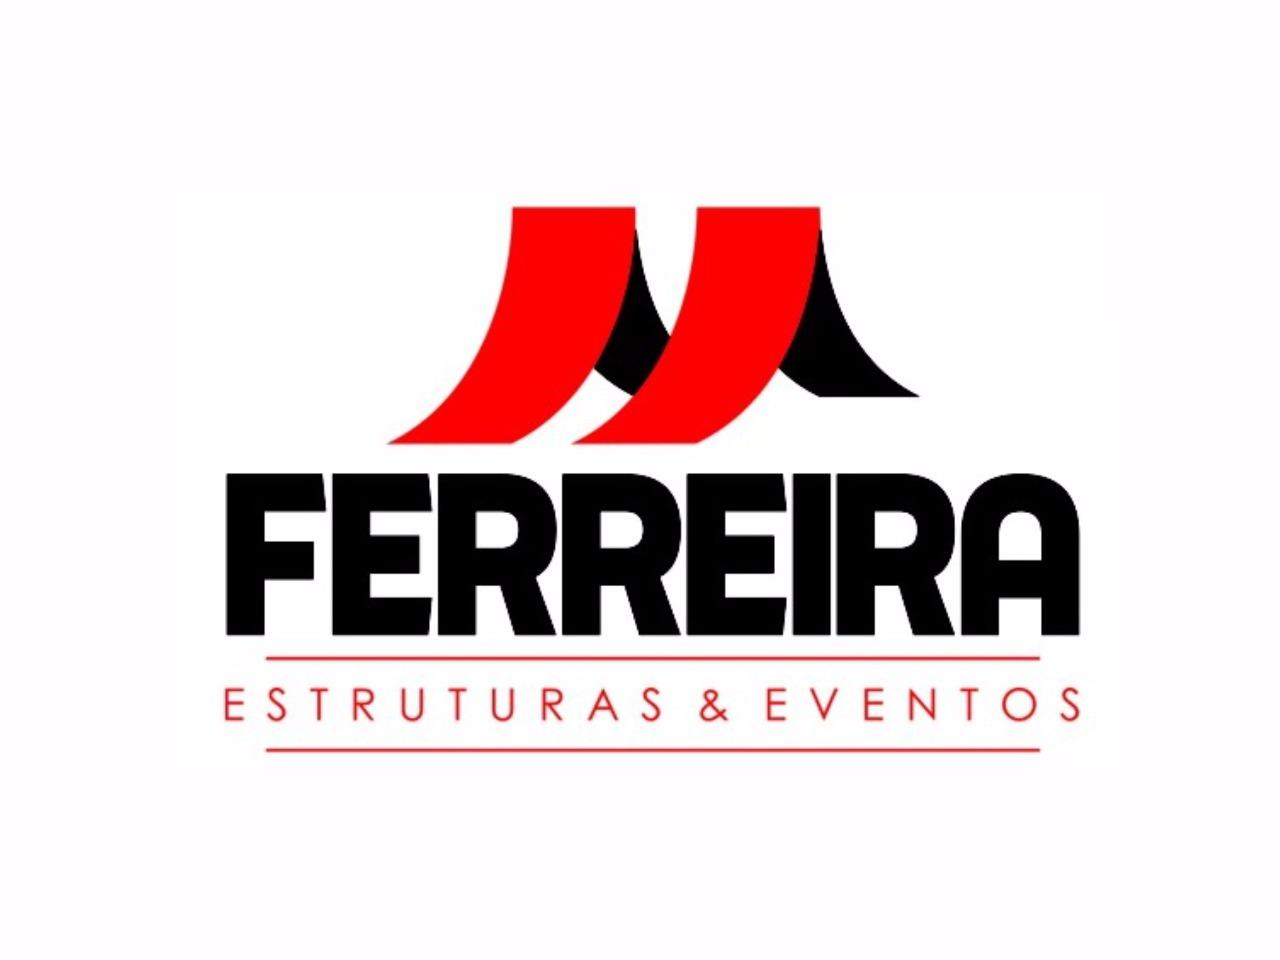 FERREIRA ESTRUTURA & EVENTOS